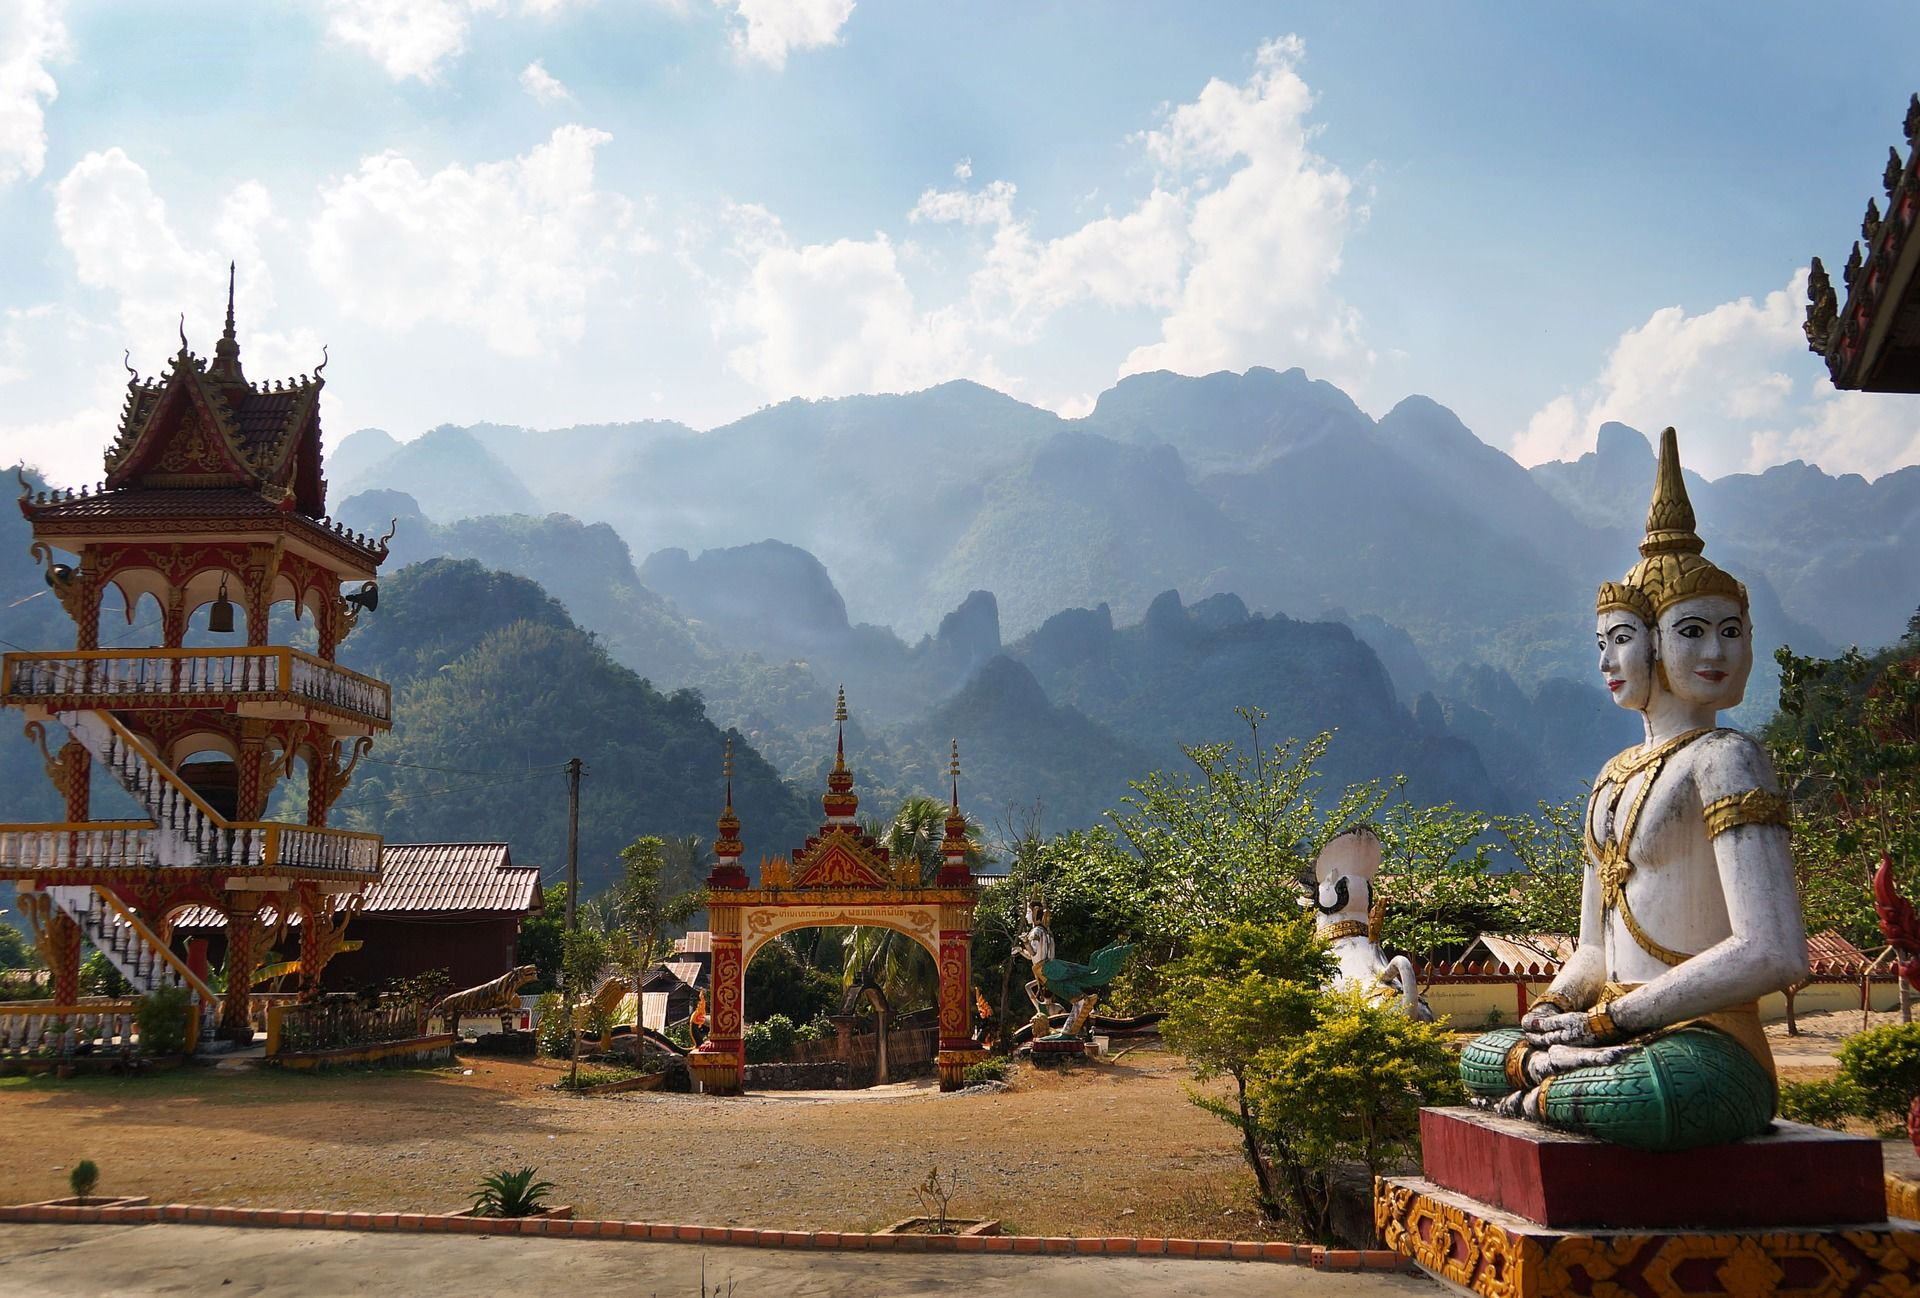 Les Incontournables du Laos Cambodge 15 jours / 12 nuits, Départs garantis de 2 à 16 participants